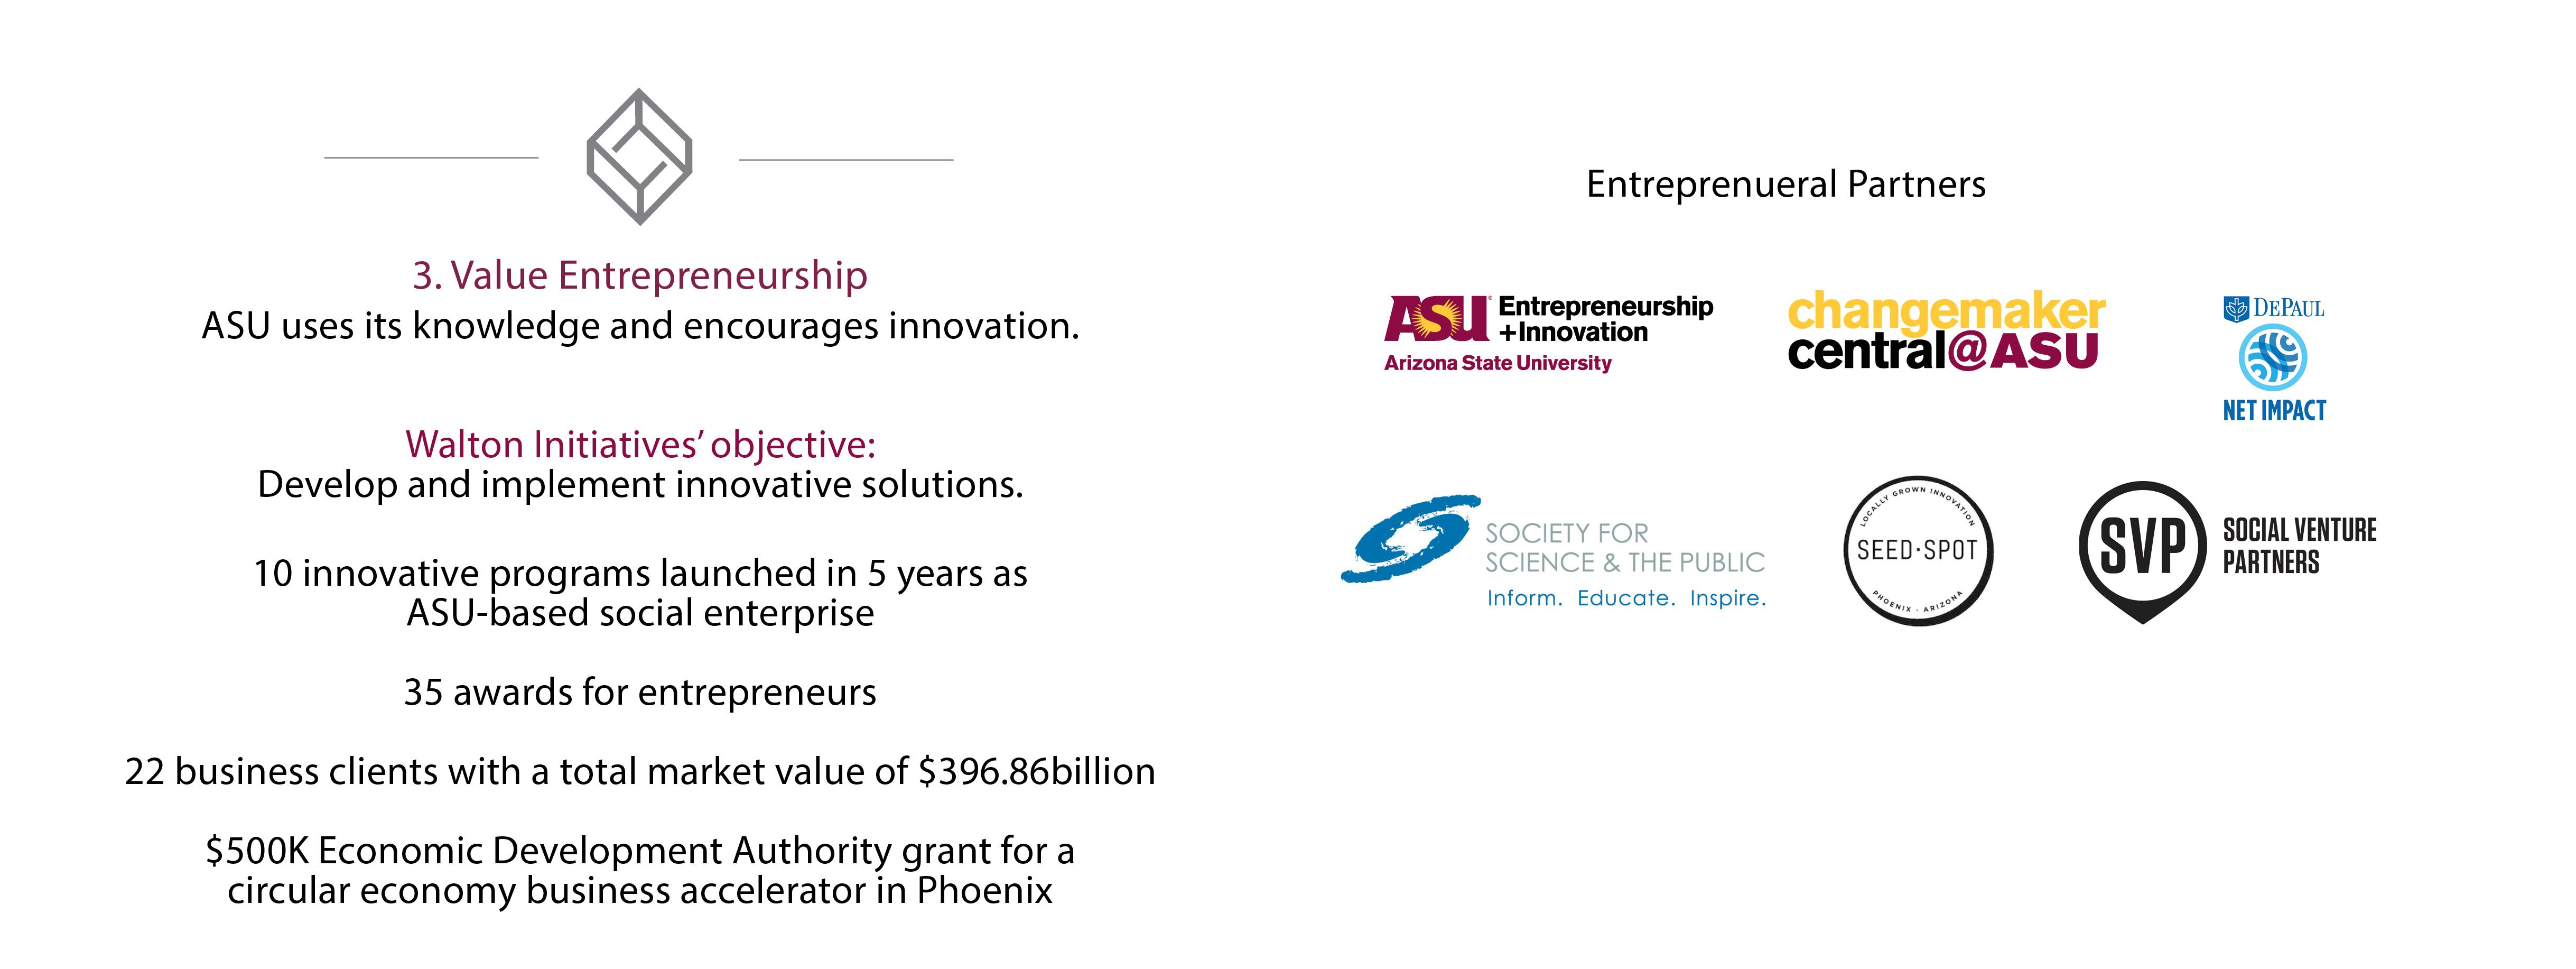 Value Entrepreneurship